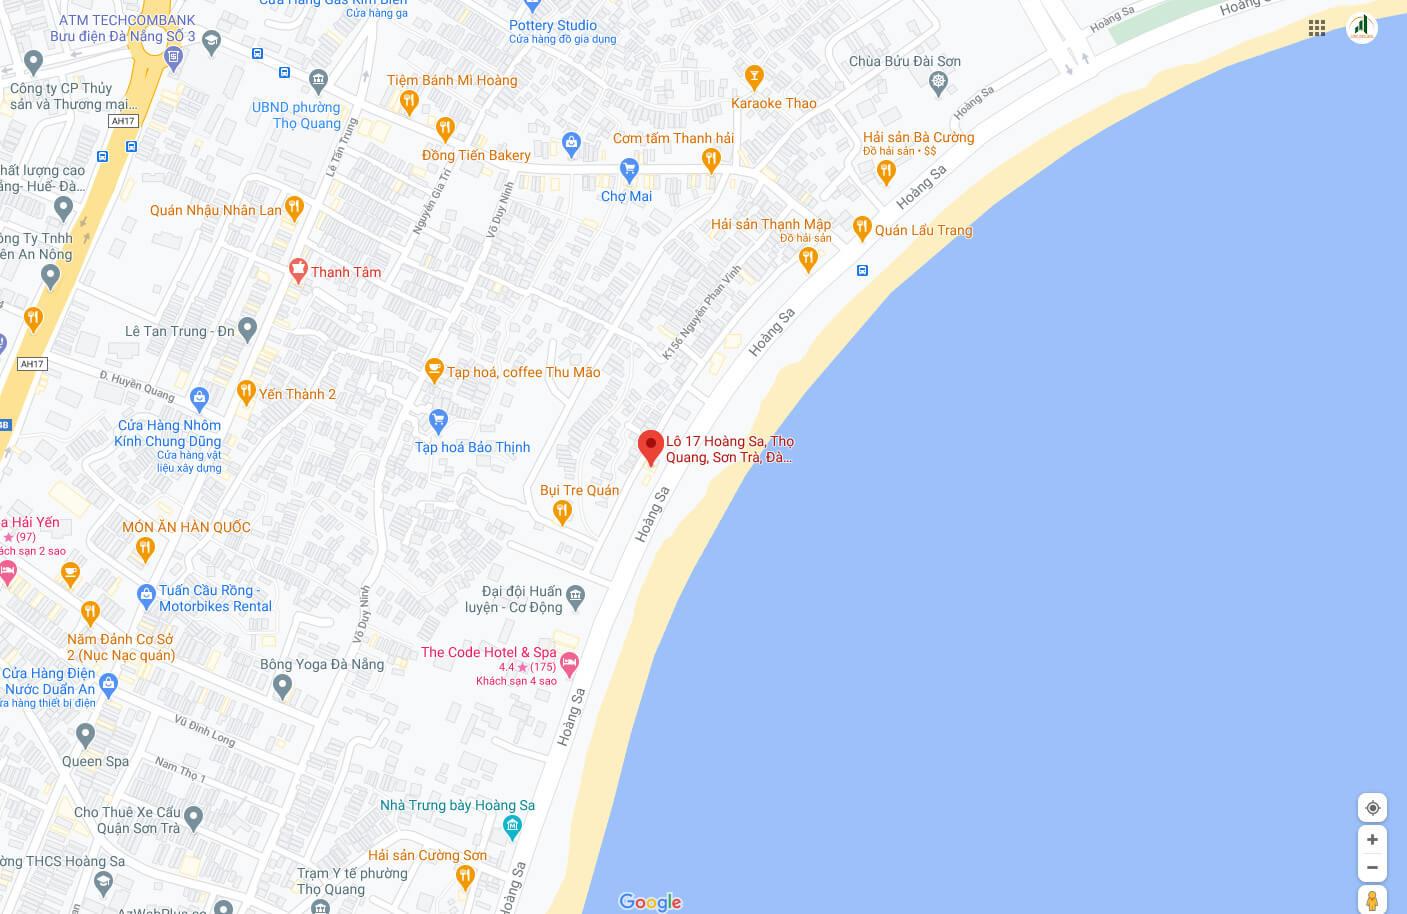 sơ đồ vị trí lô đất đường Hoàng Sa - Đà Nẵng